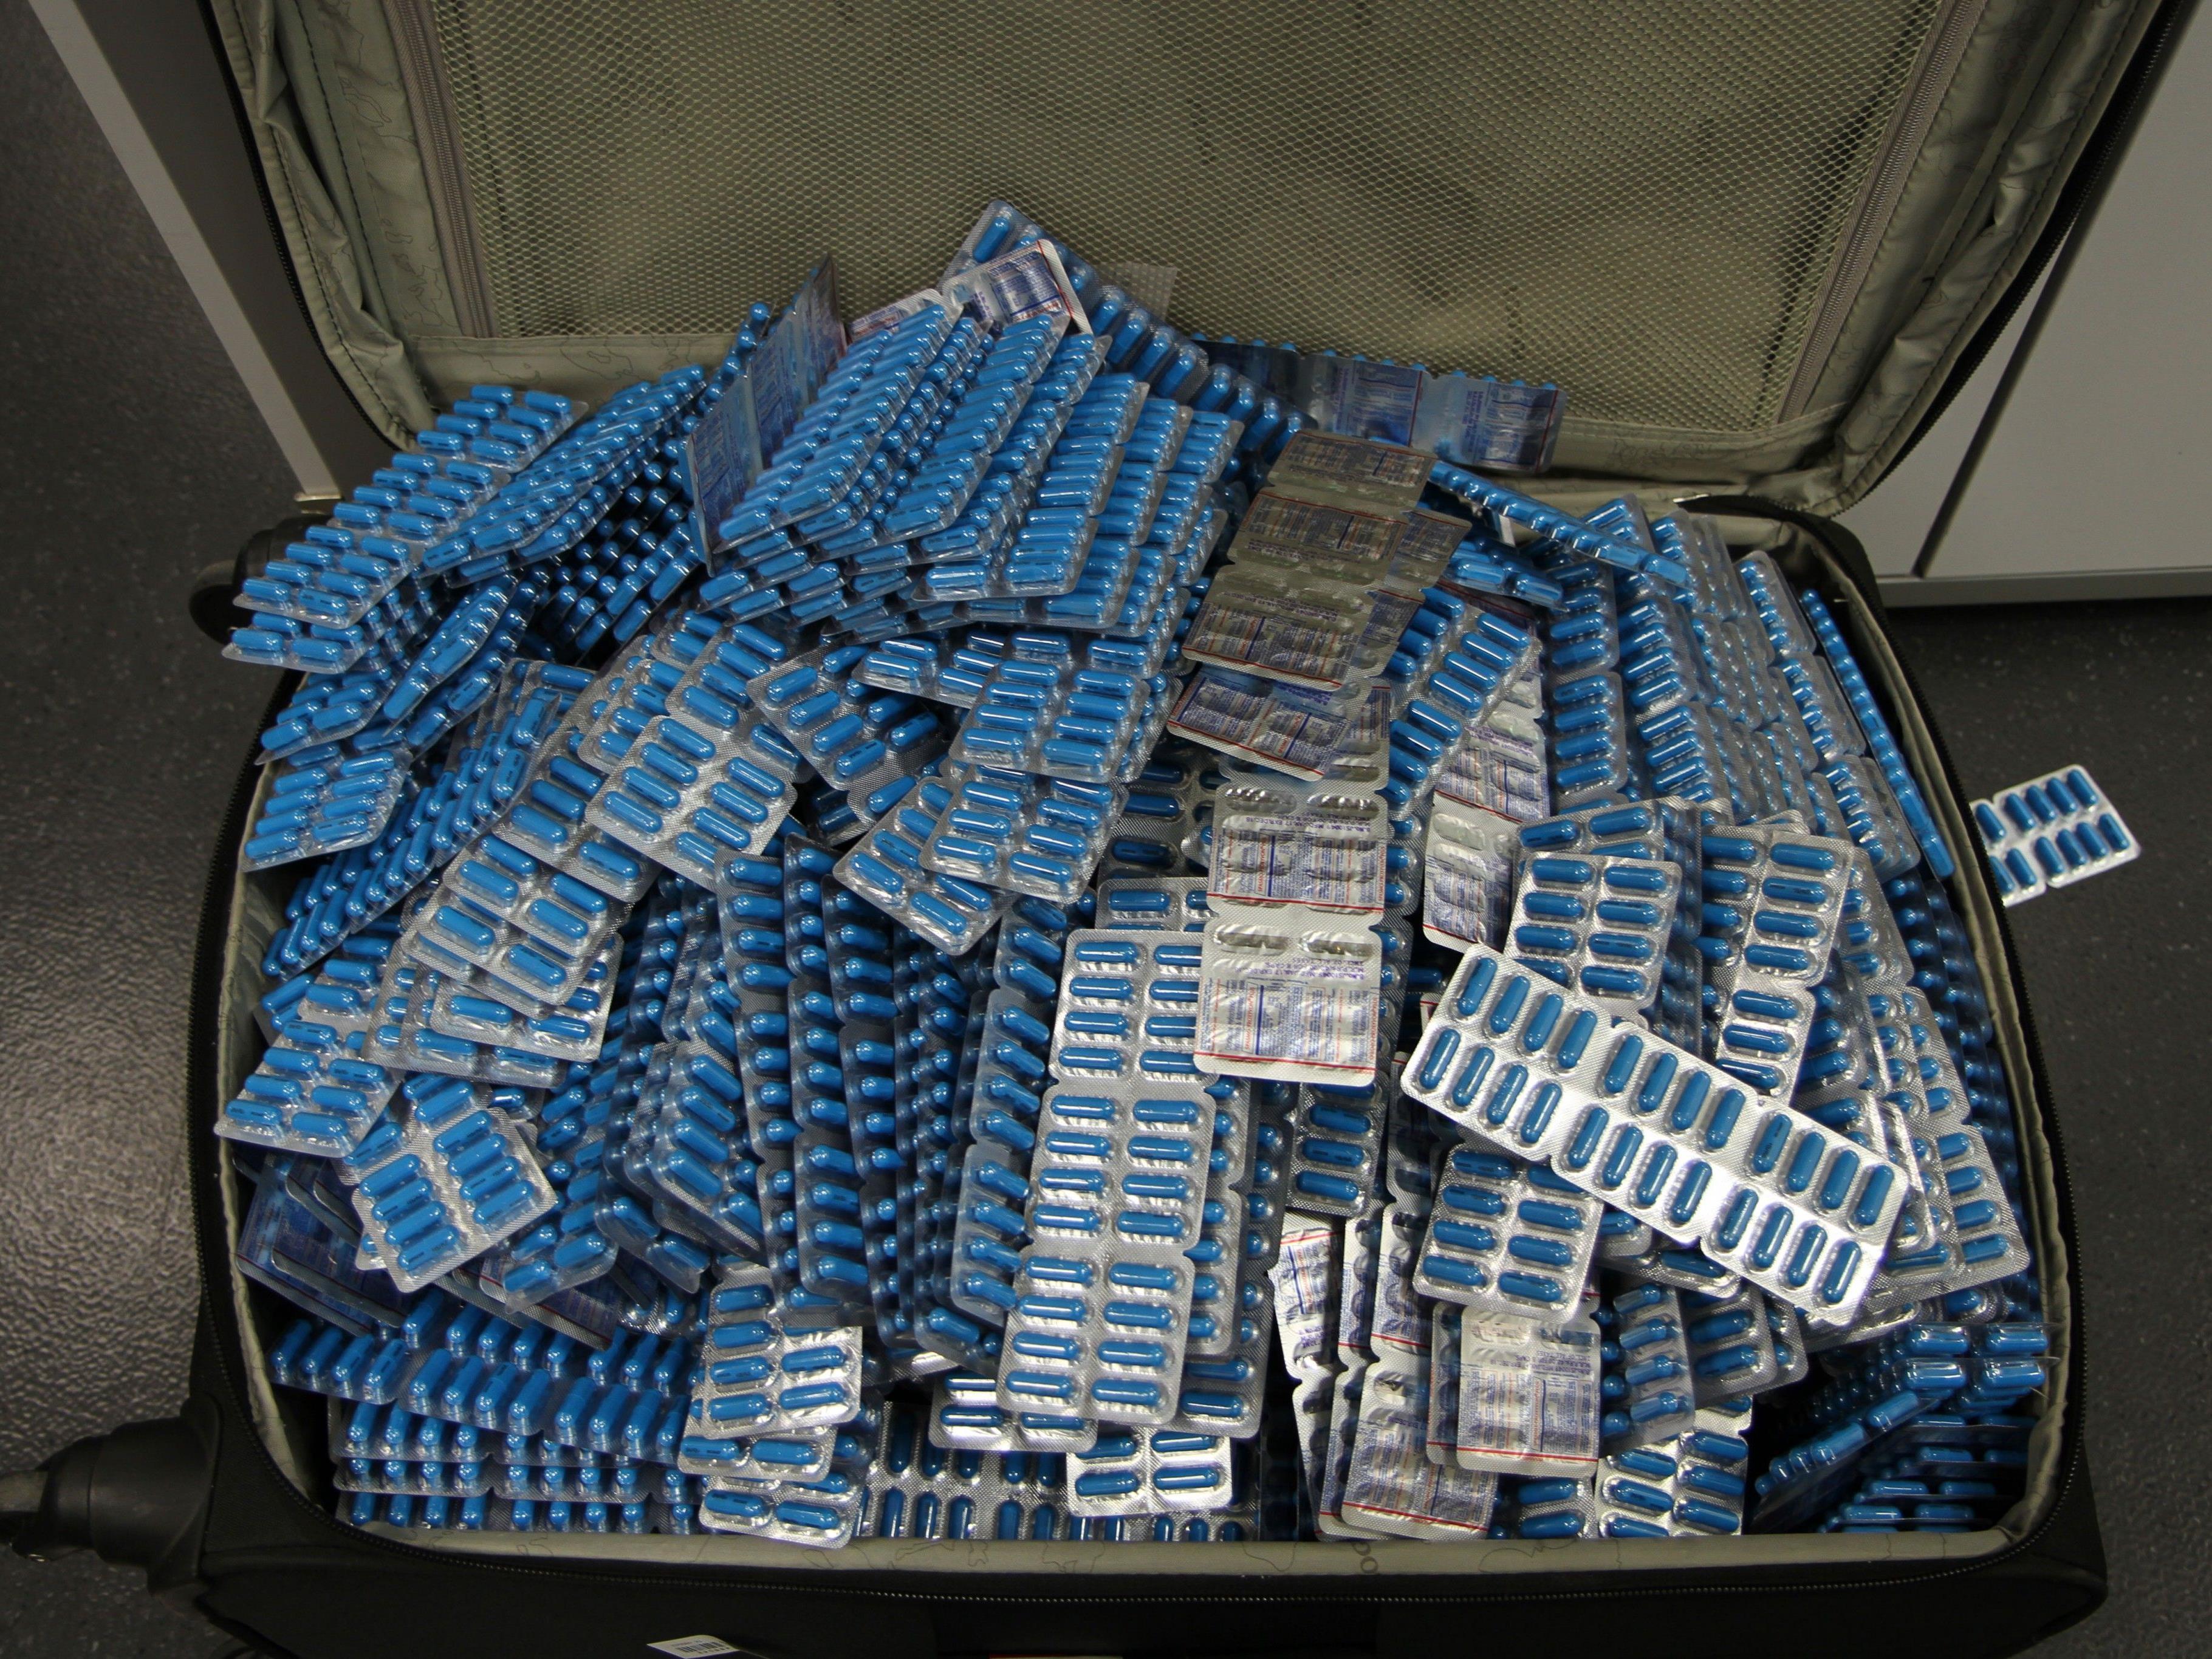 43.000 Stück eines in Indien hergestellten Schmerzmittels aus dem Verkehr gezogen